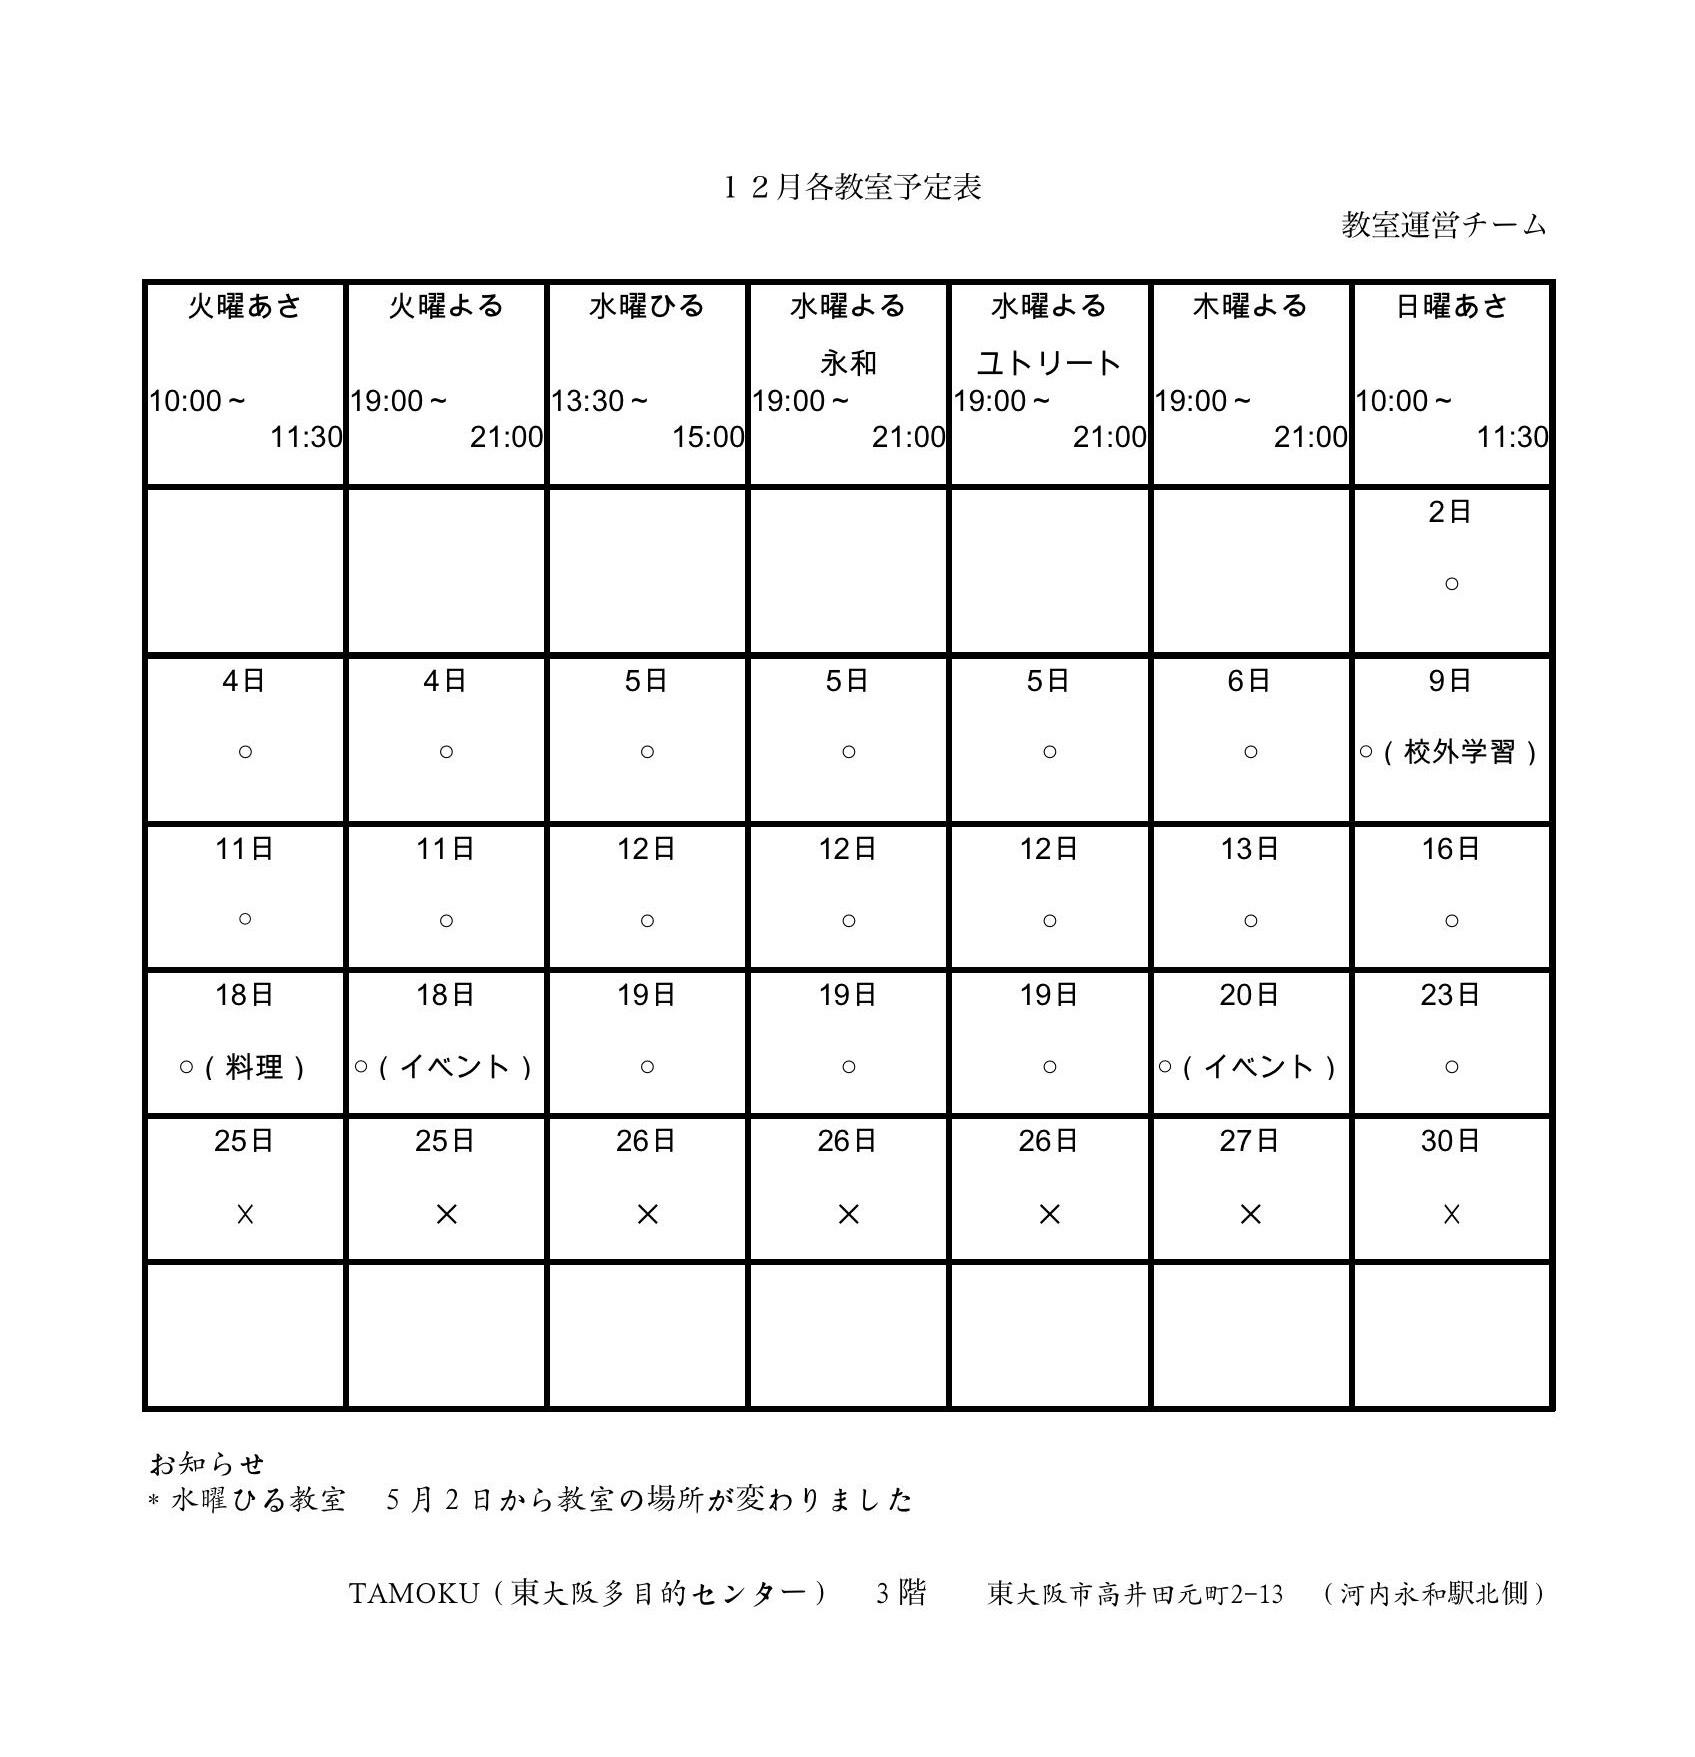 12月教室予定表_e0175020_22285043.jpeg